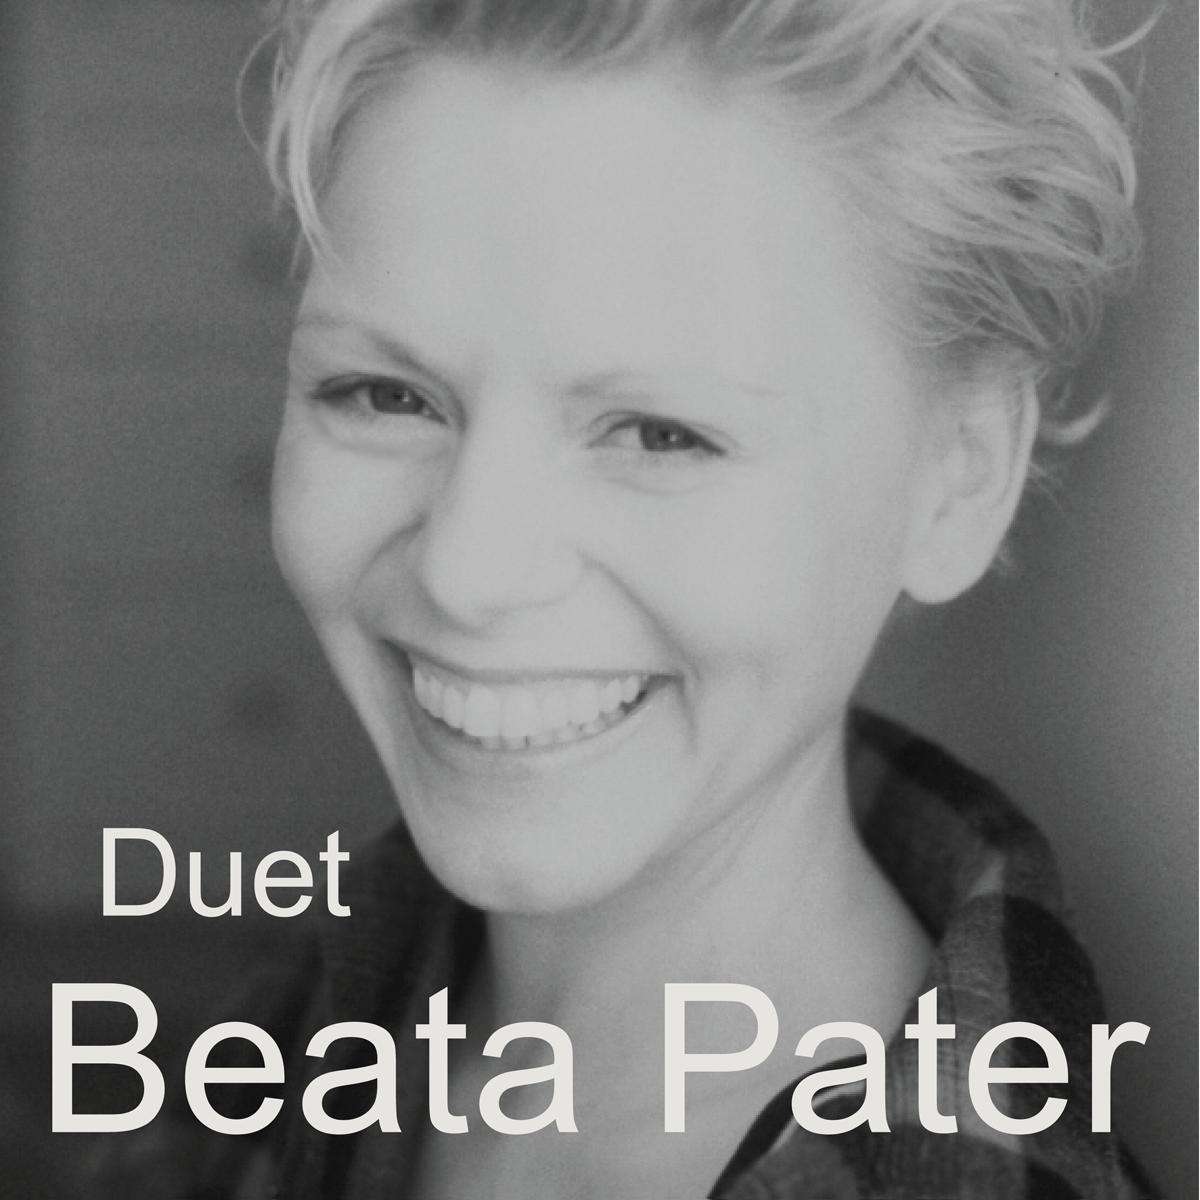 Beata Pater's Duet album cover